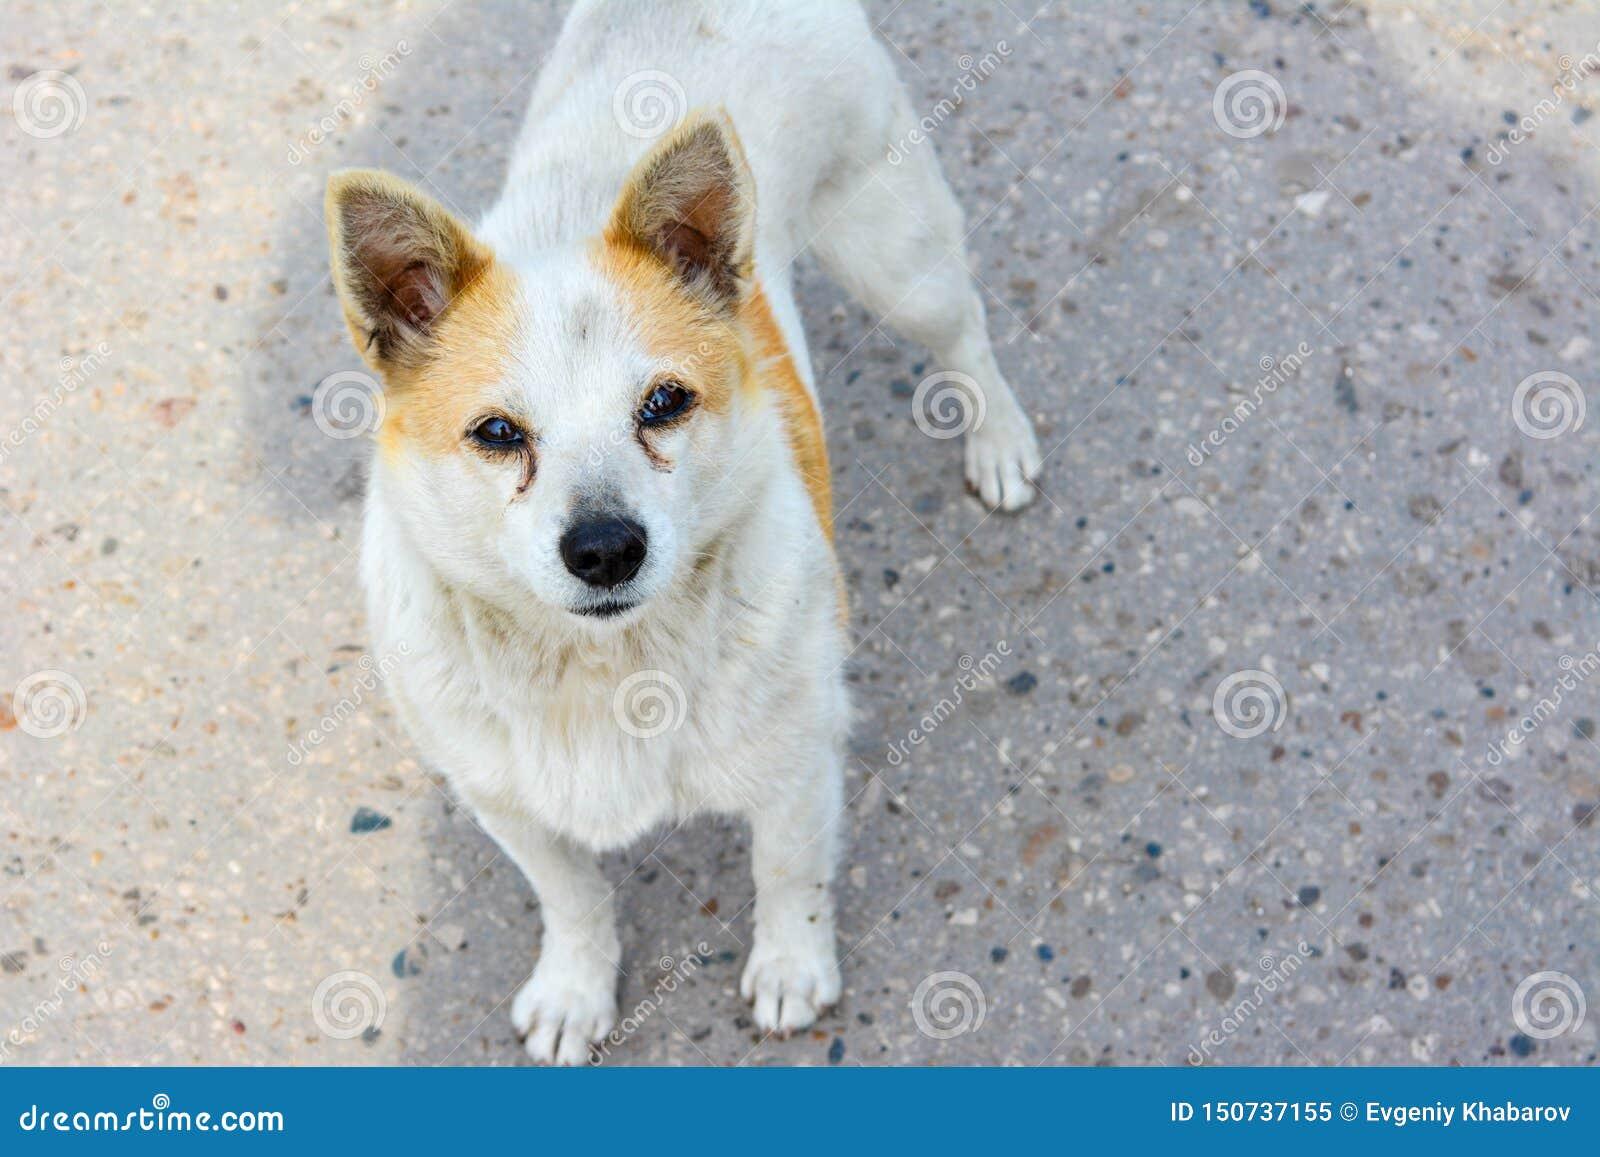 Mirada interesada de una situación sin hogar del perro en el camino